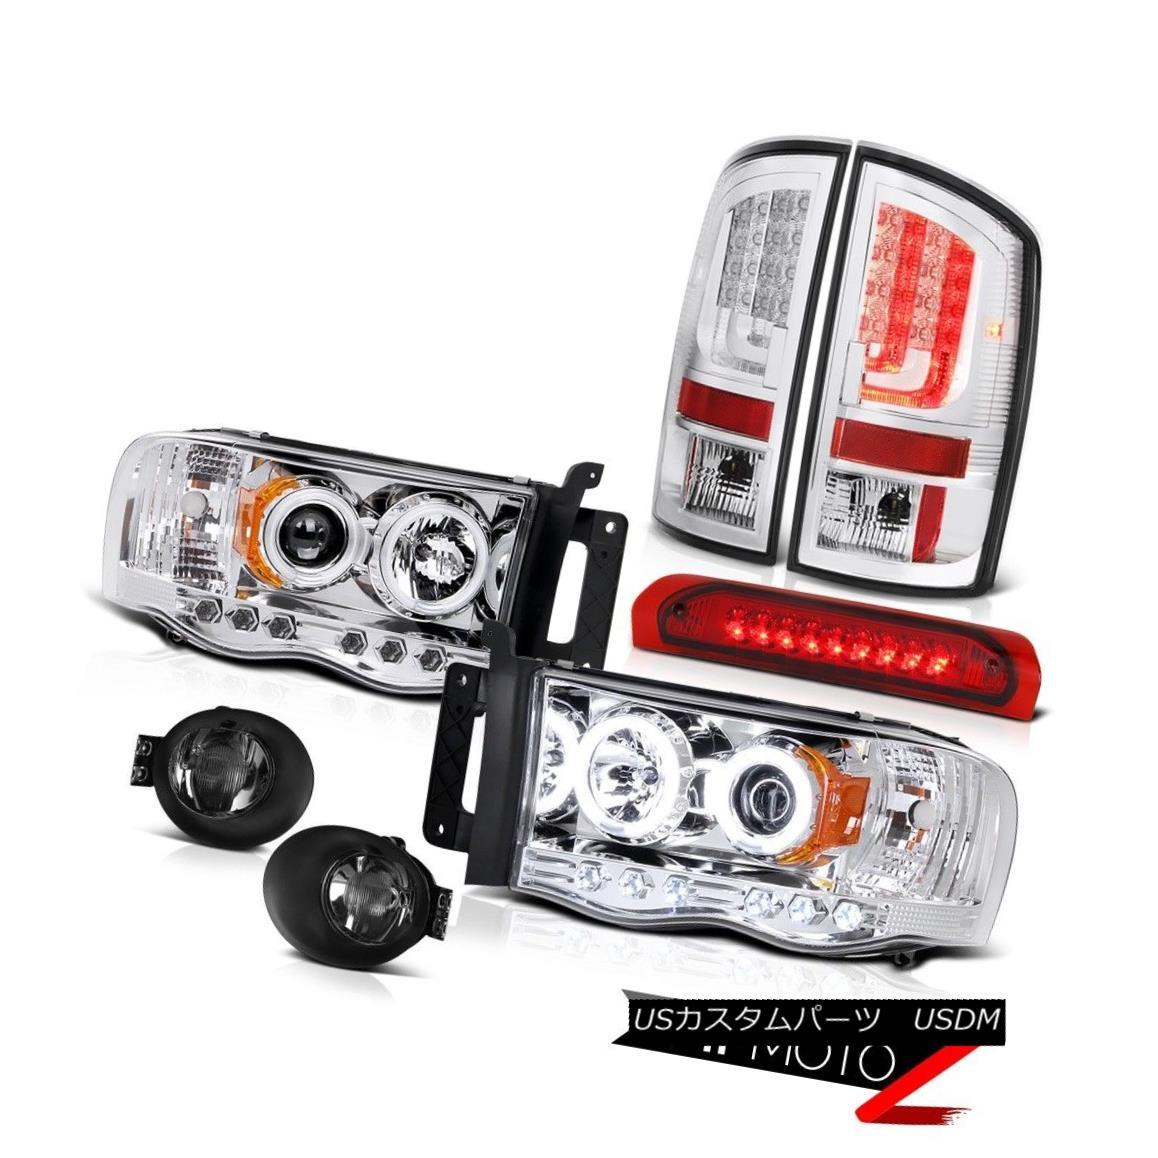 テールライト 2002-2005 Dodge Ram 1500 ST Taillights Fog Lamps Headlamps Roof Cab Light Cool 2002-2005ダッジラム1500 ST曇り曇りランプヘッドランプルーフキャブライトクール